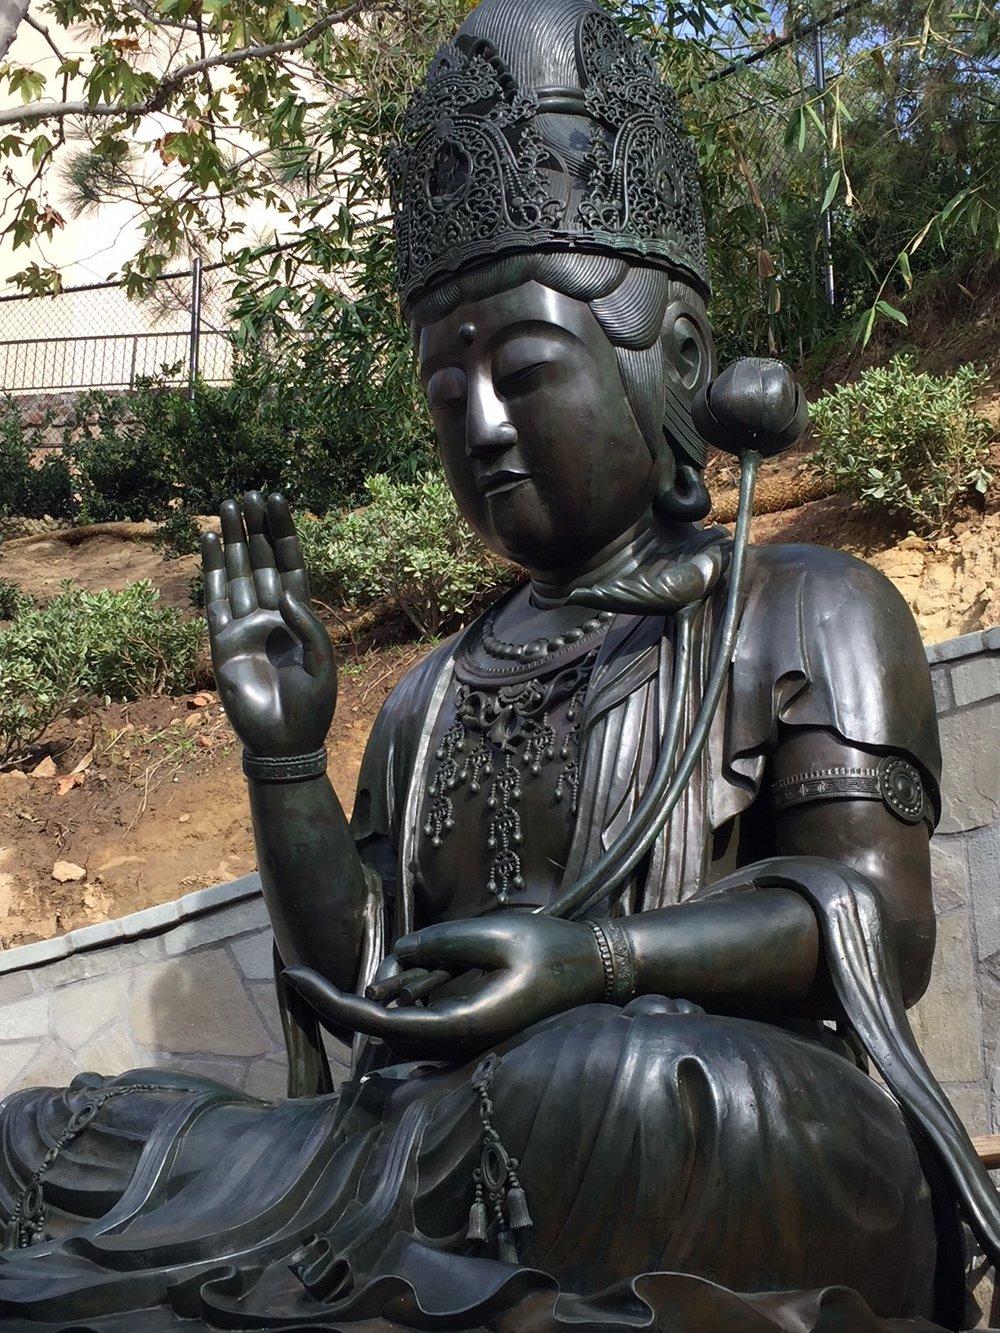 bronze kannon bosatsu as seen in JFG's lower garden outdoor exhibit